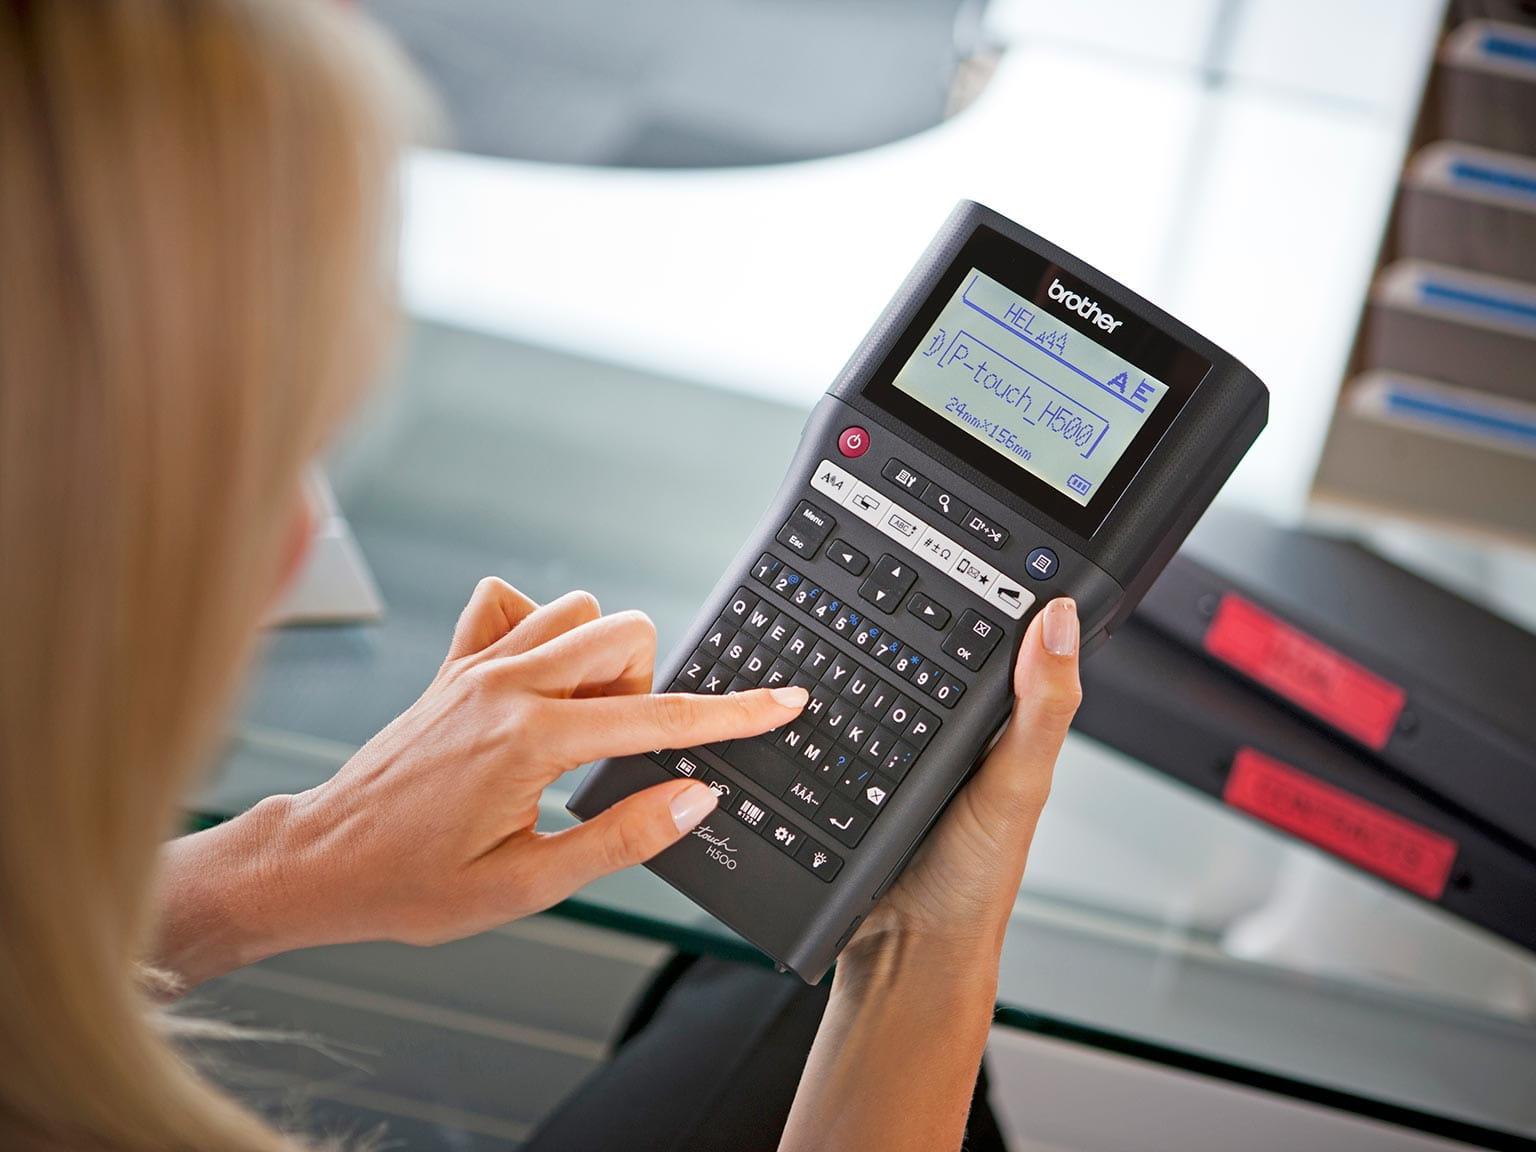 Drukarka etykiet P-touch H500 umożliwia drukowanie etykiet zarządcy obiektu